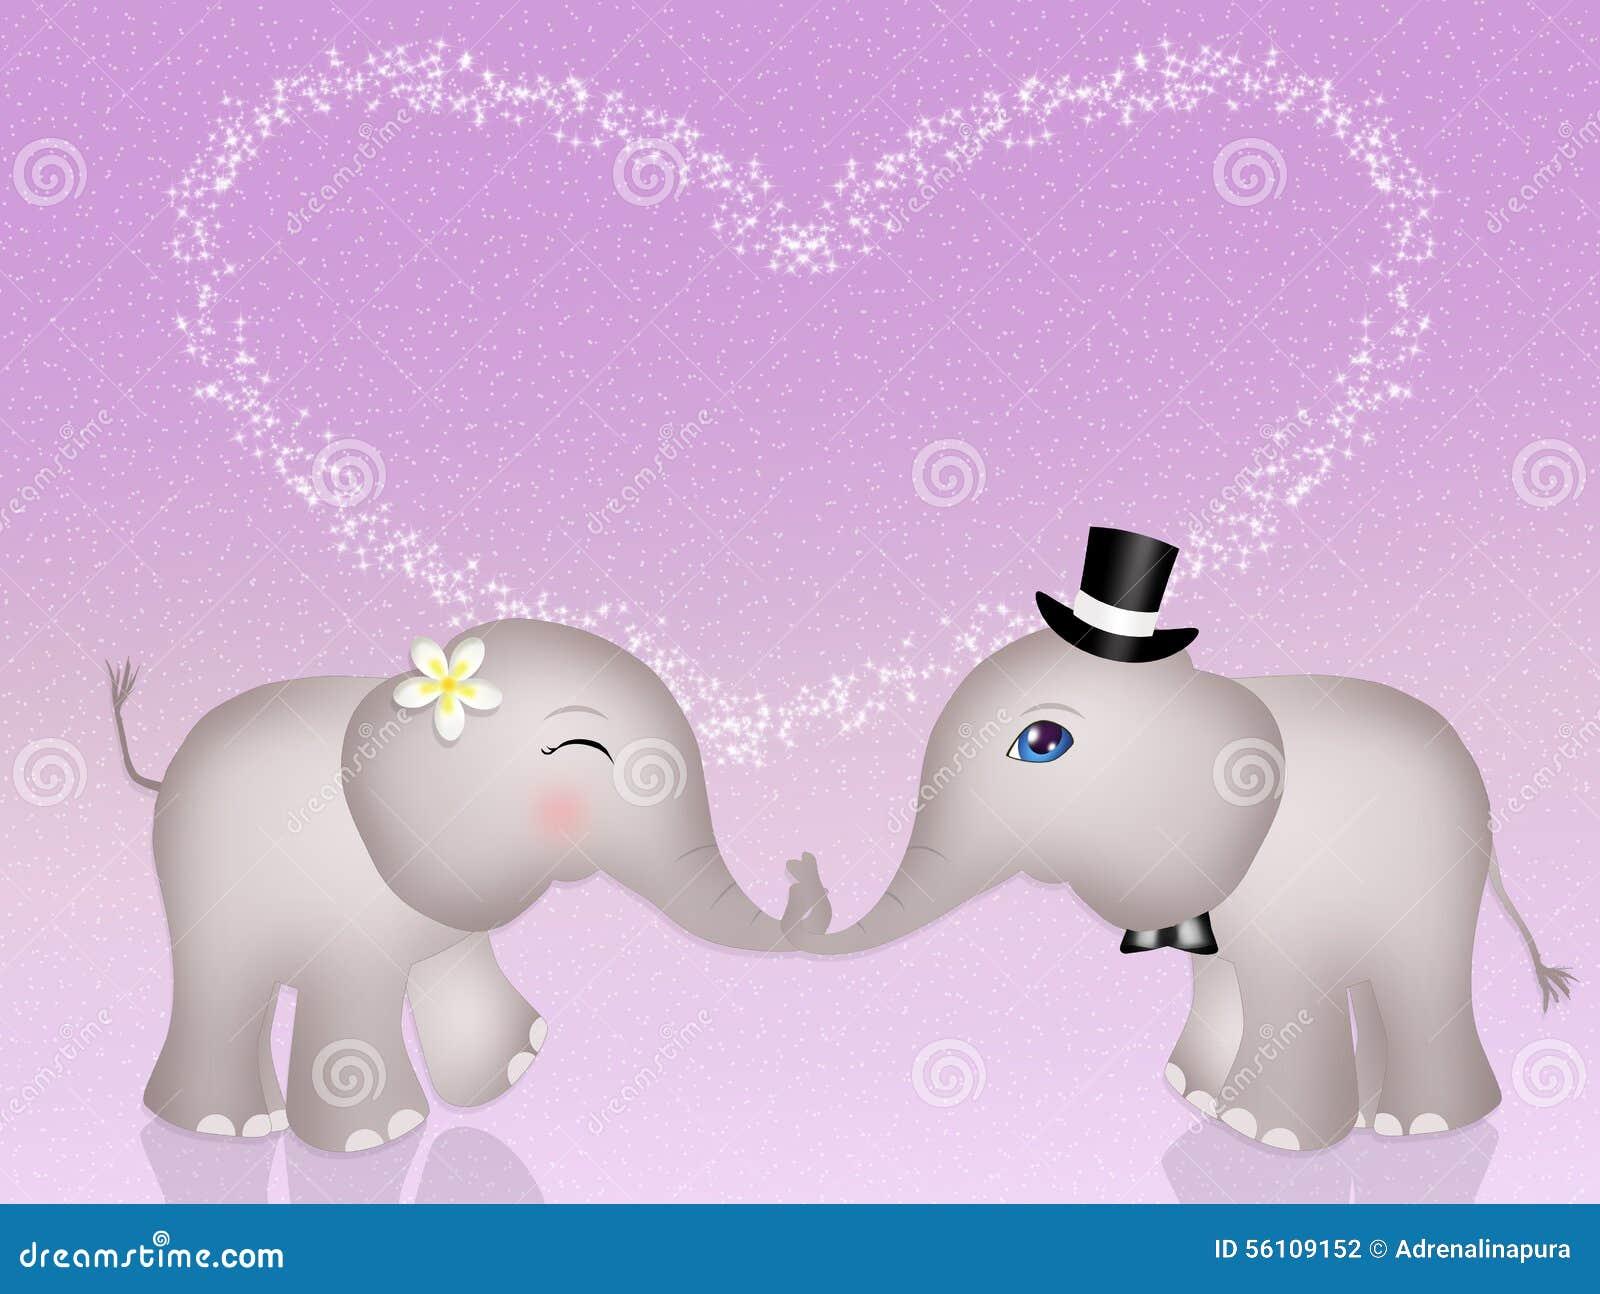 lustige elefanten in der liebe stock abbildung illustration von valentine karikatur 56109152. Black Bedroom Furniture Sets. Home Design Ideas